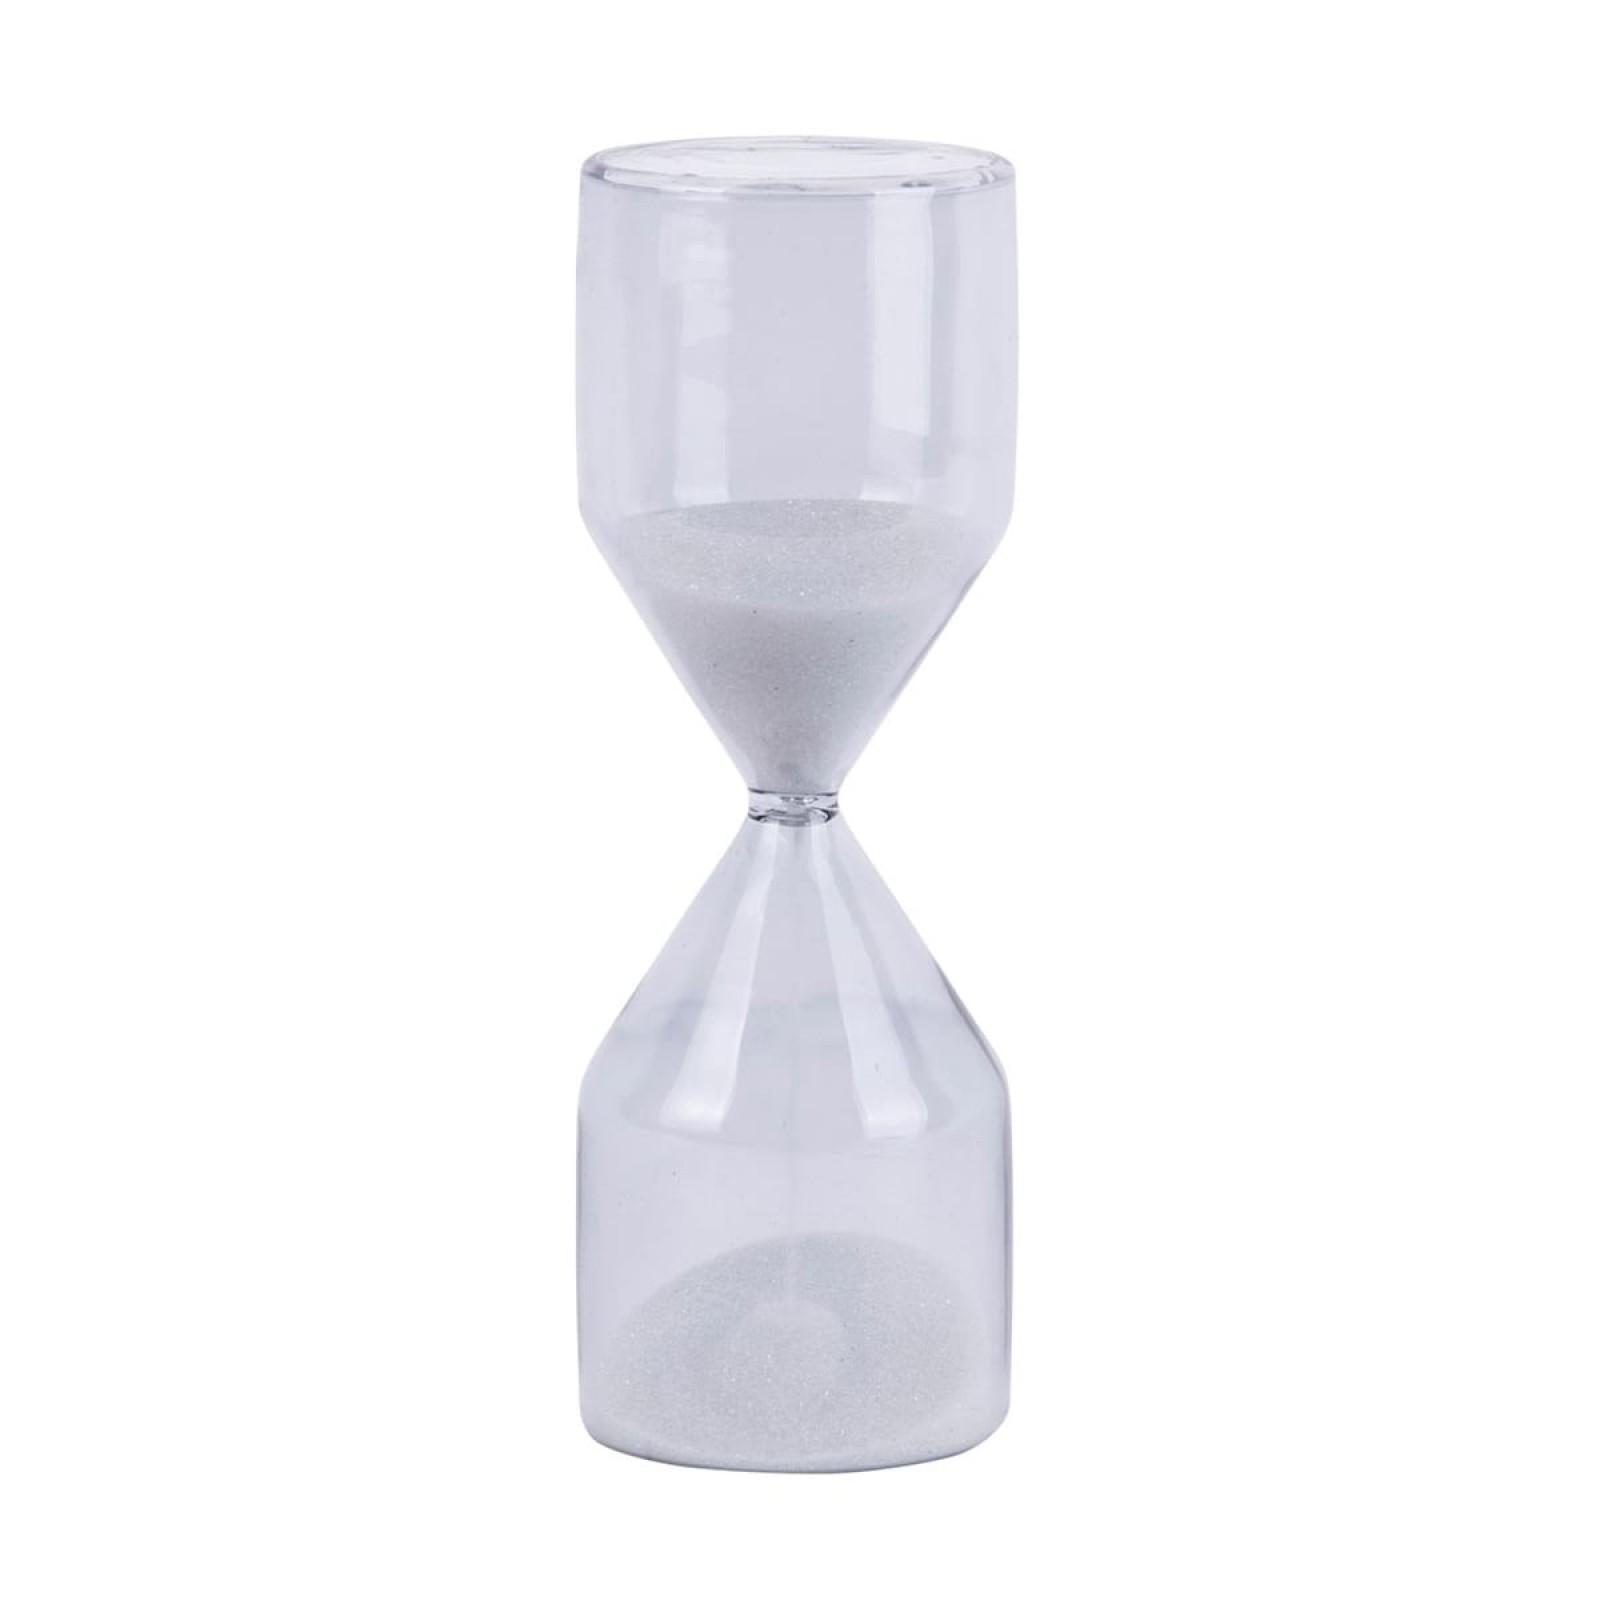 Κλεψύδρα Fairytale Large (Γκρι Γυαλί) - Present Time